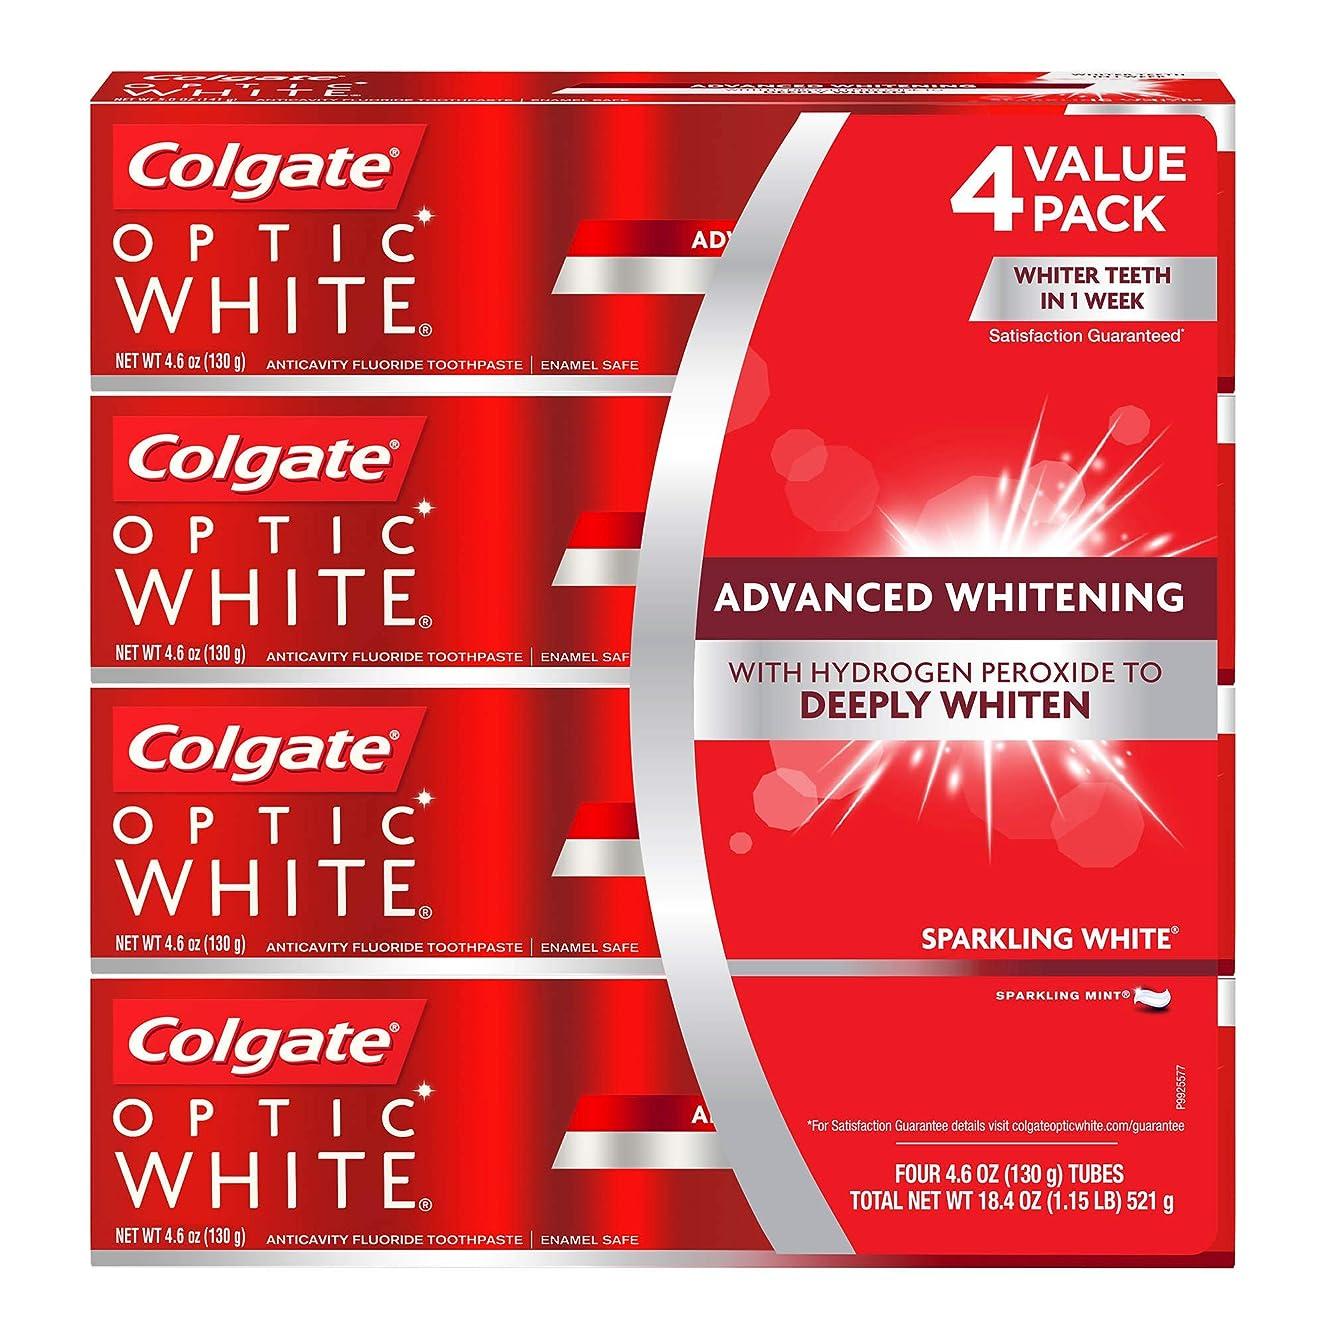 追い越す名詞ガイドライン海外直送品 コルゲートオプティックホワイトスパークリングホワイト 歯磨き粉 Colgate Optic White Sparkling White Toothpaste, Sparkling Mint (4.6 oz, 5 pk.) 130gx5本